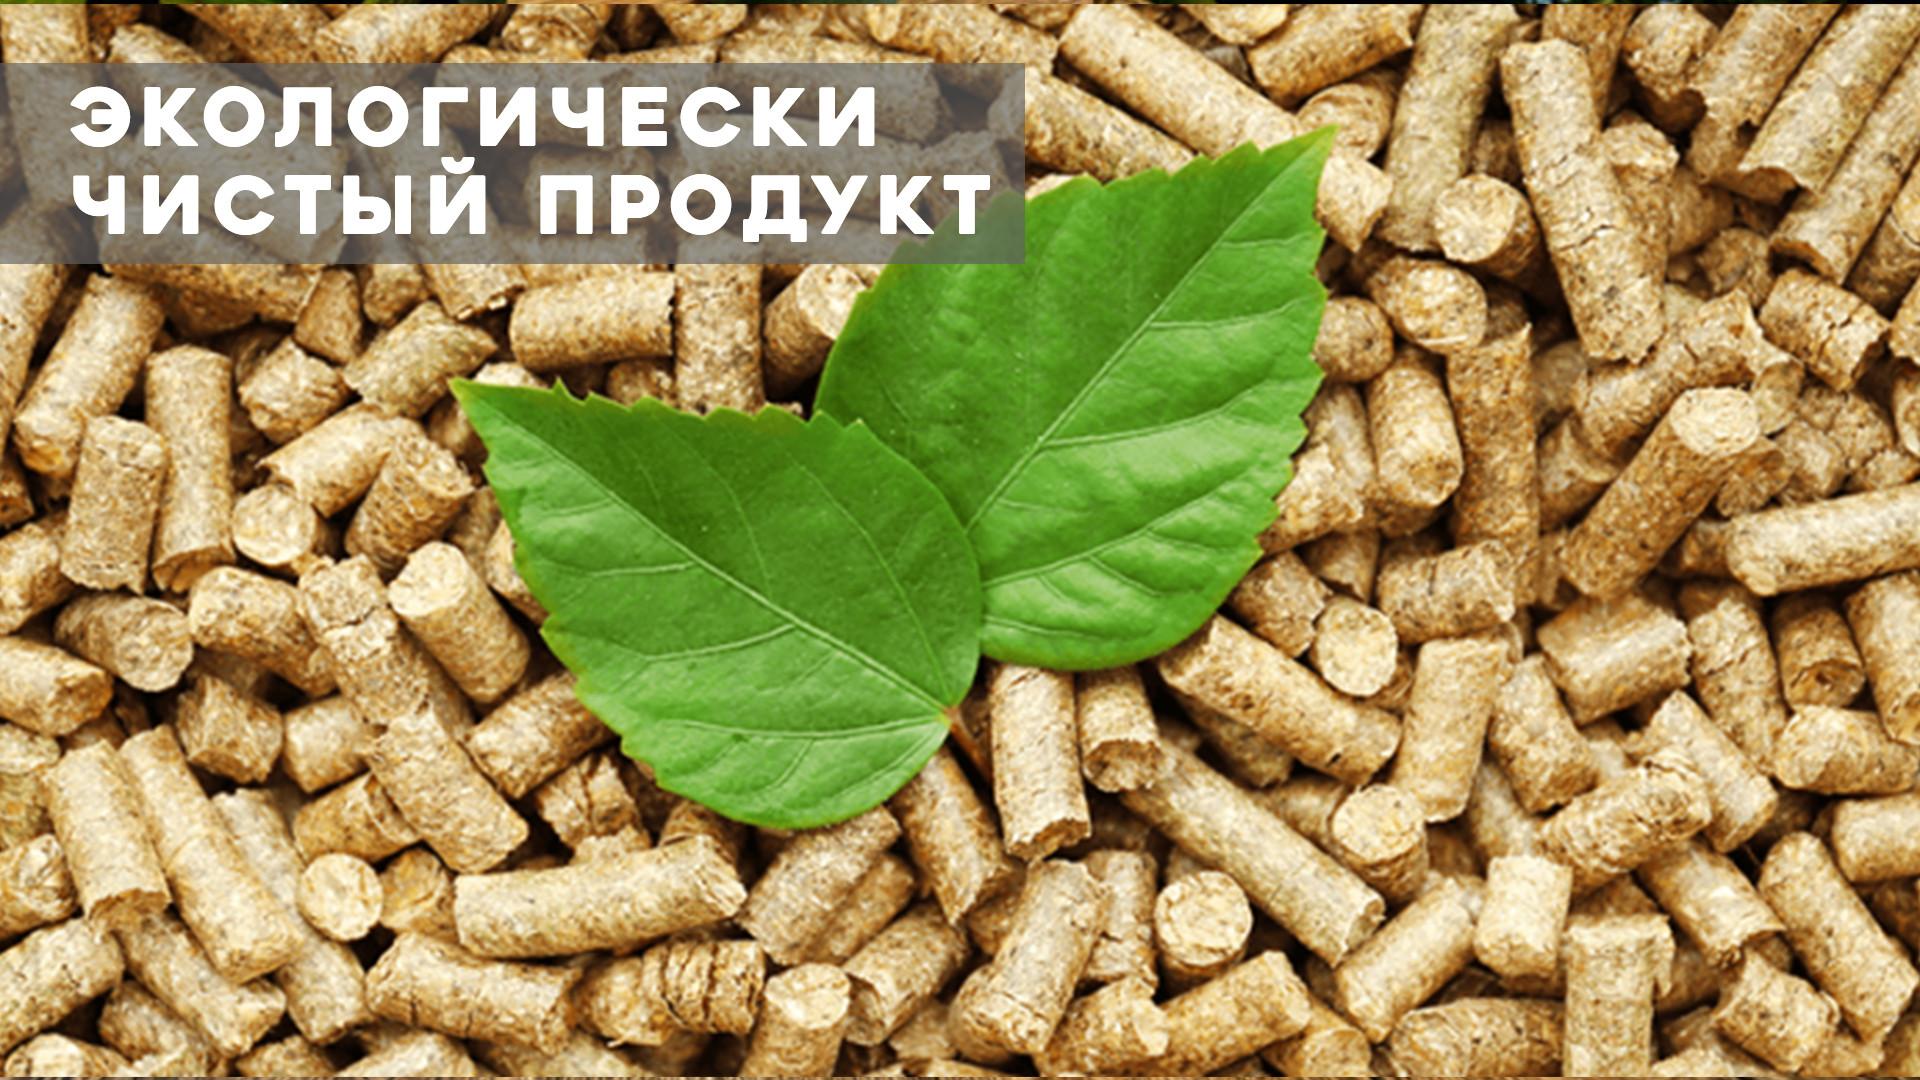 Экологический